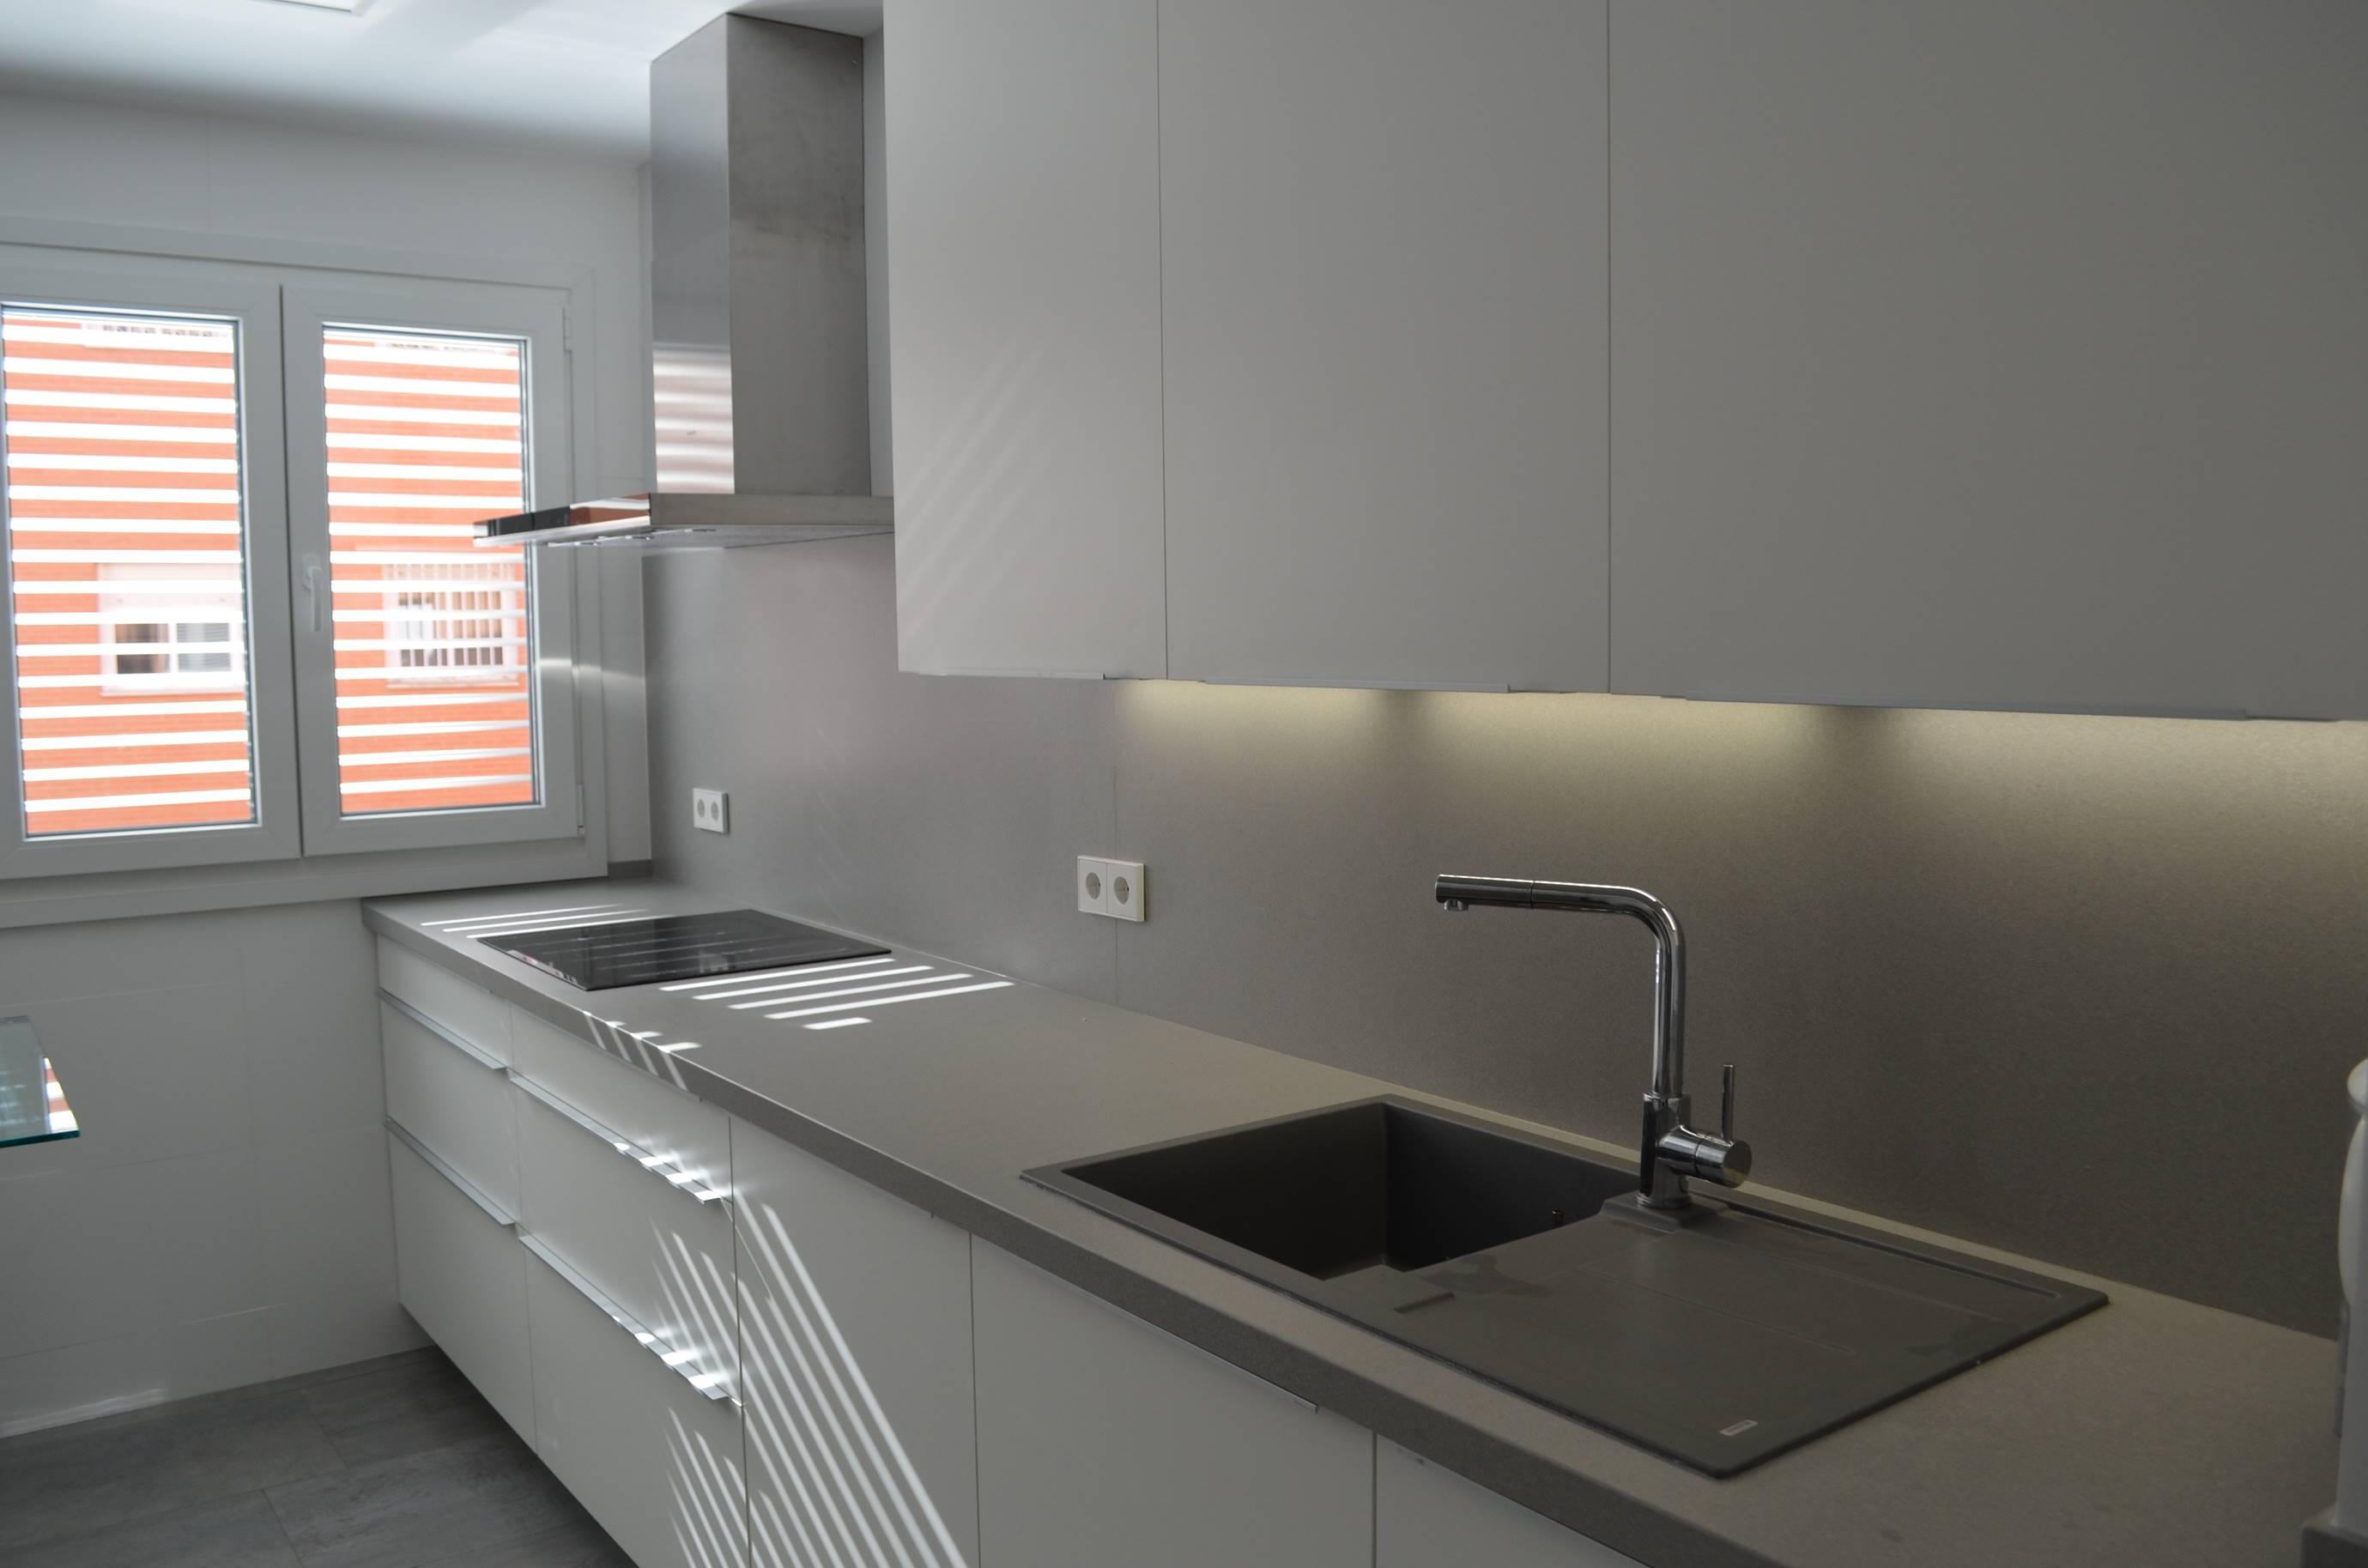 Cocina blanca mate juan carlos e isabel kocina sevilla - Cocina con pared de cristal ...